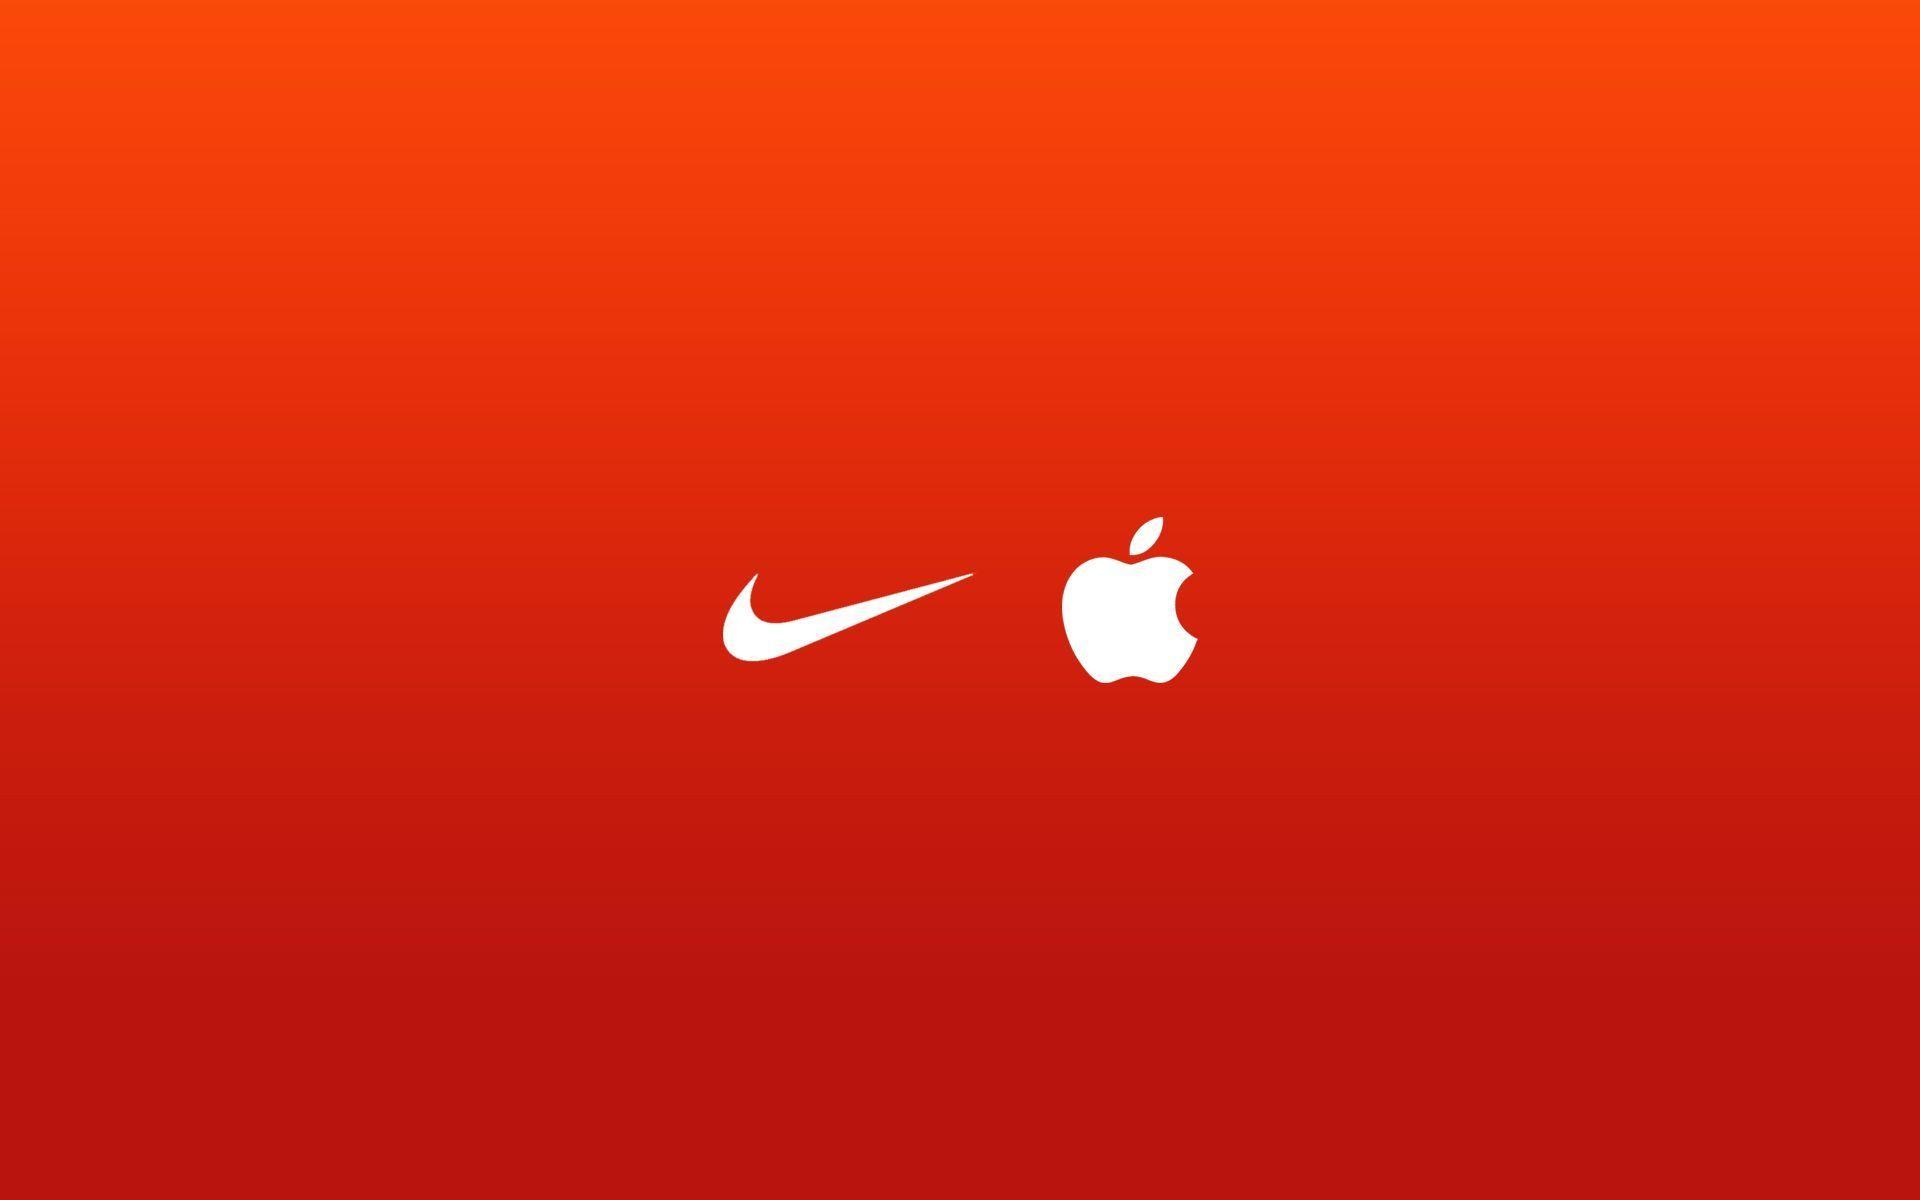 3600x2160 Badass Nike Wallpaper